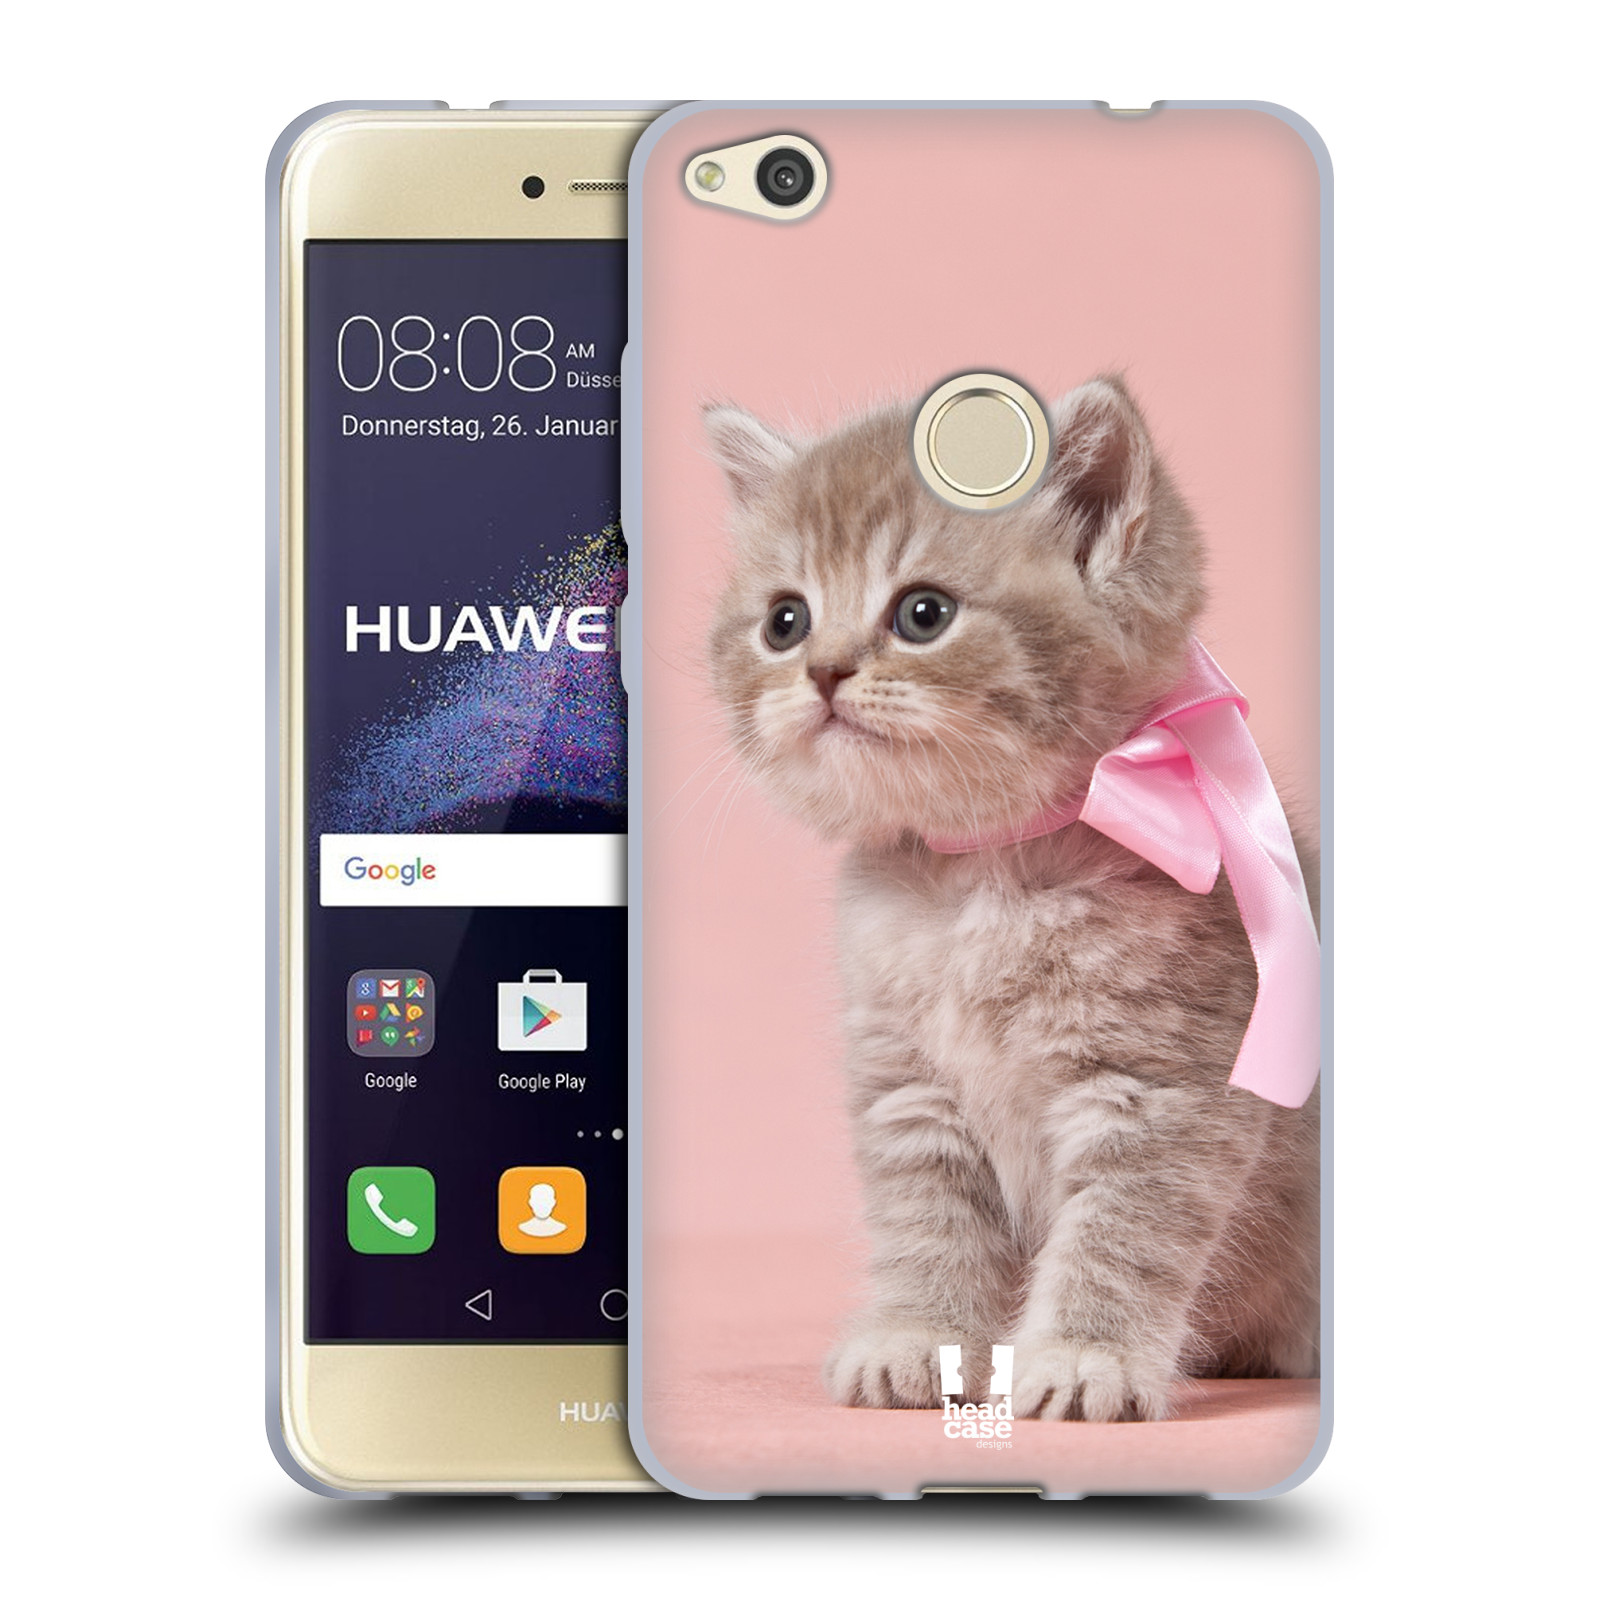 Silikonové pouzdro na mobil Huawei P9 Lite (2017) HEAD CASE KOTĚ S MAŠLÍ